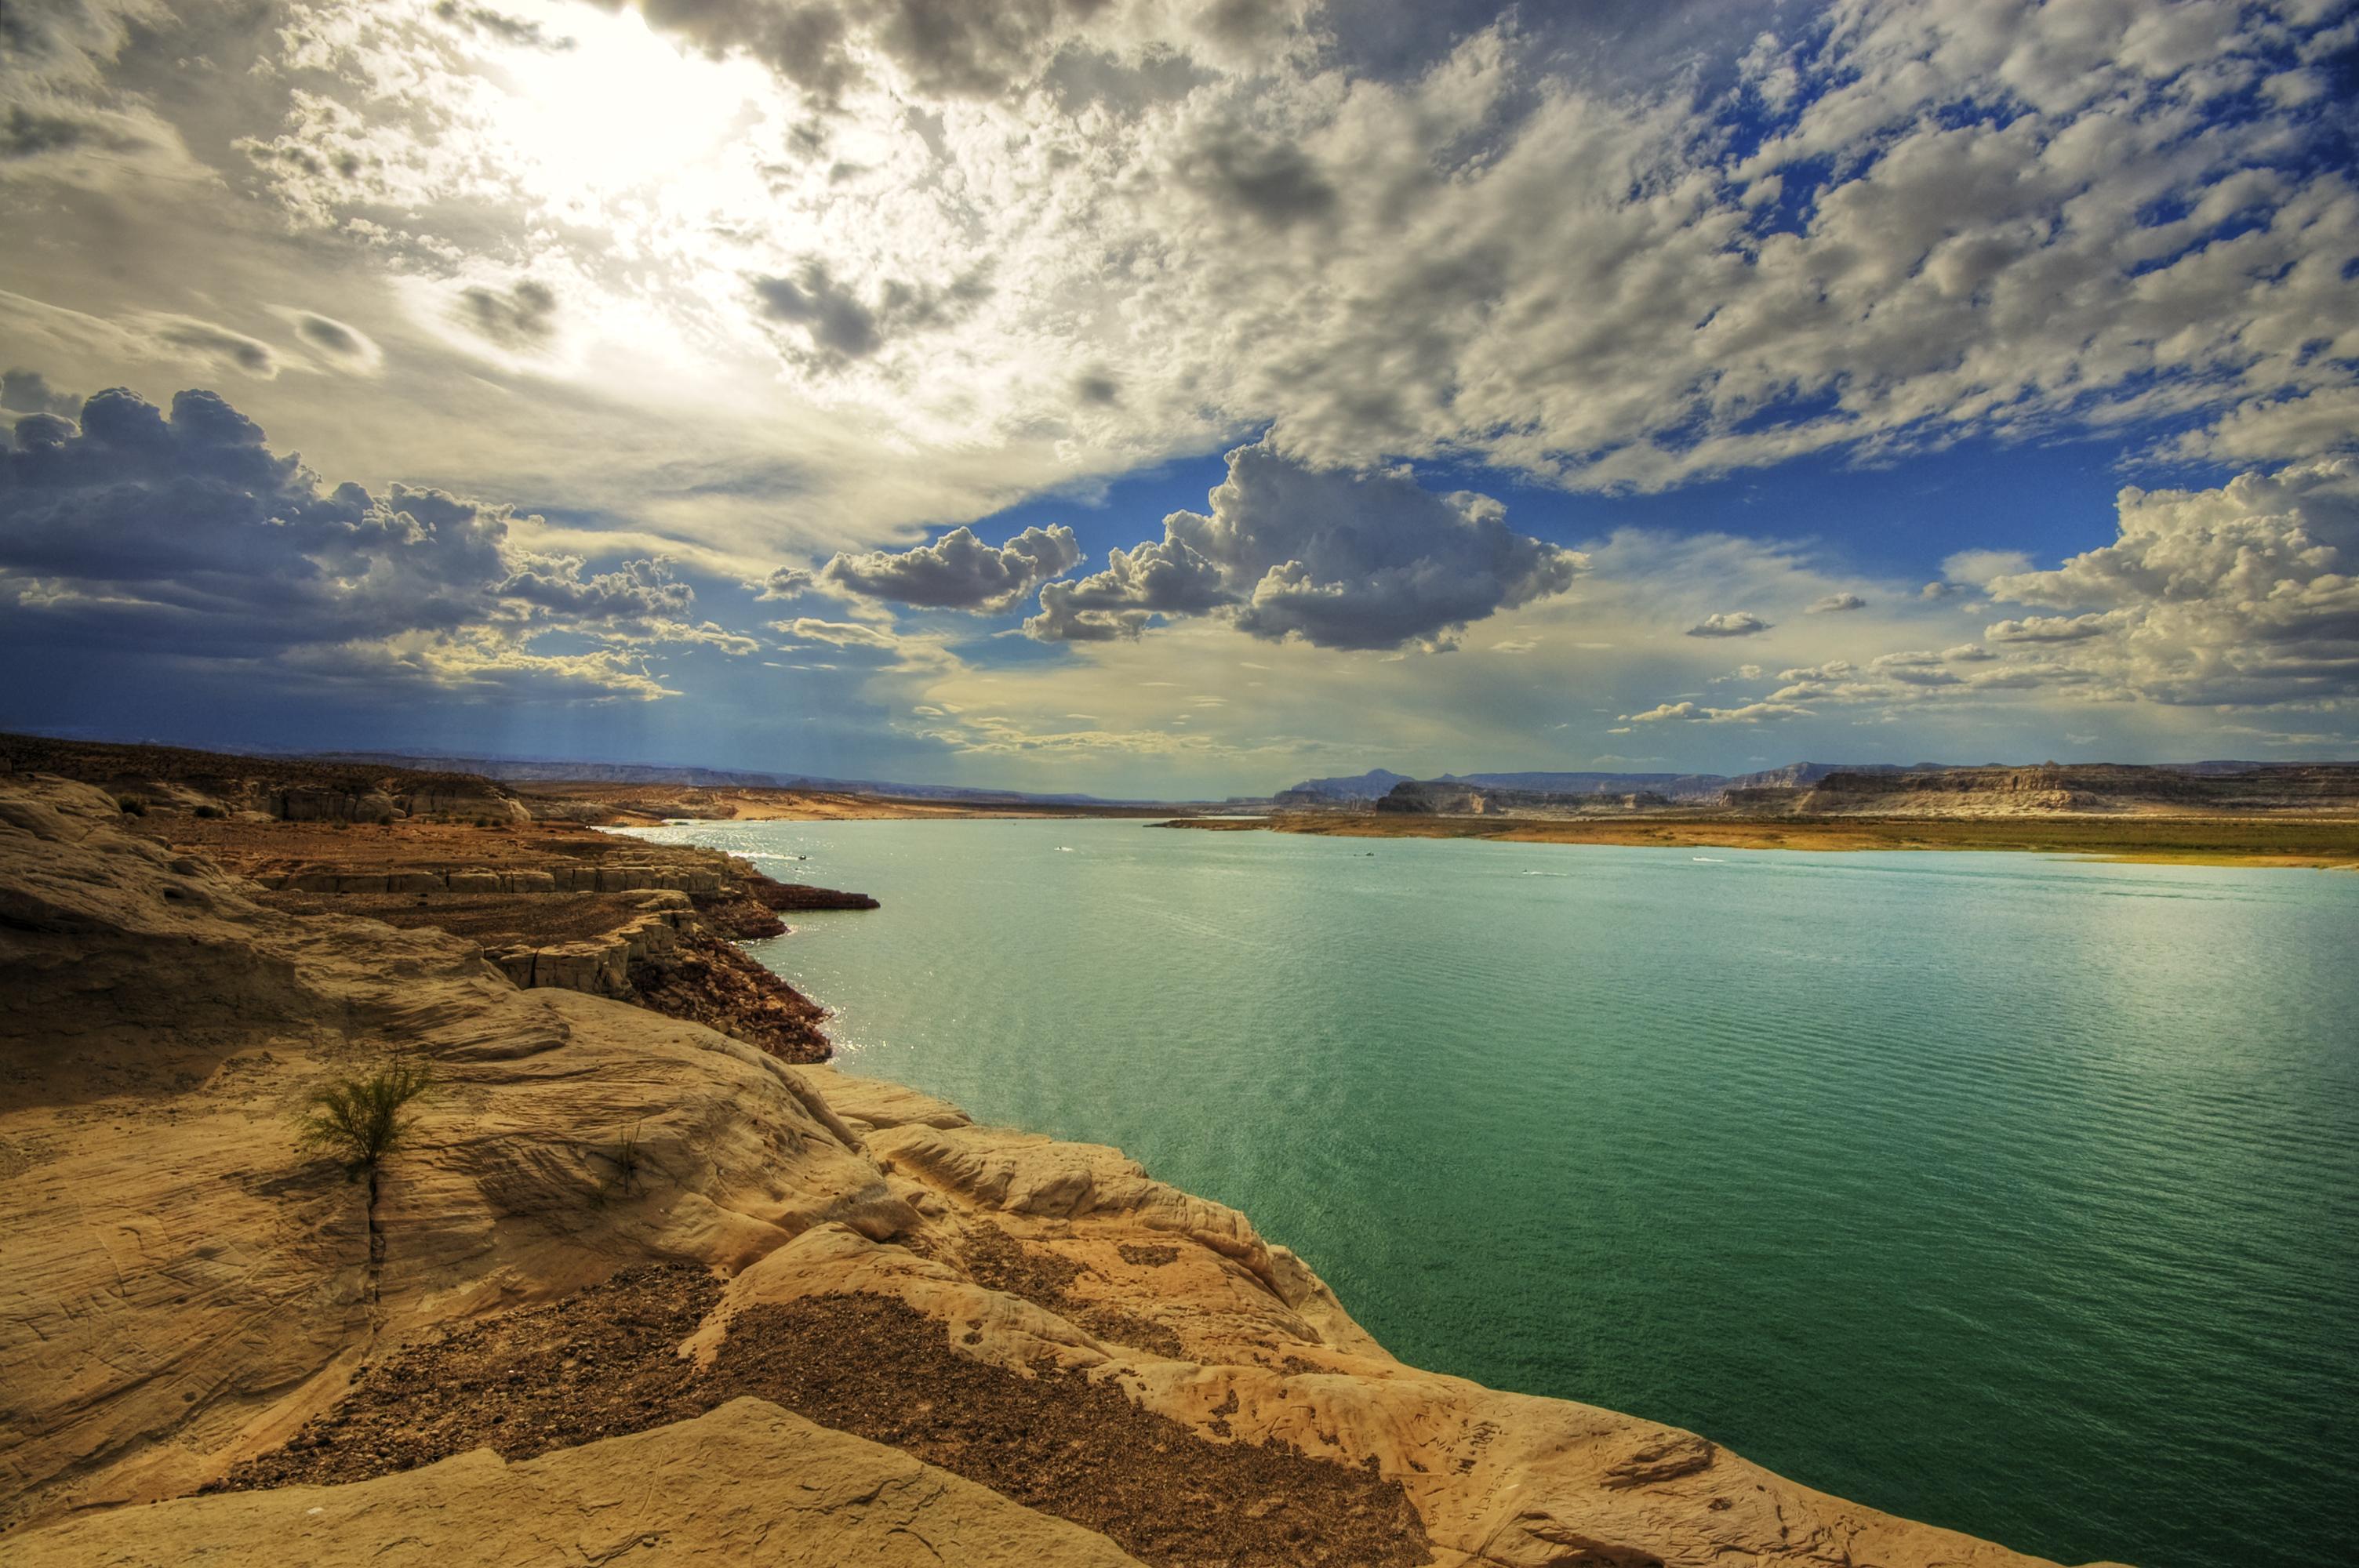 Lake Powell - Wikipedia